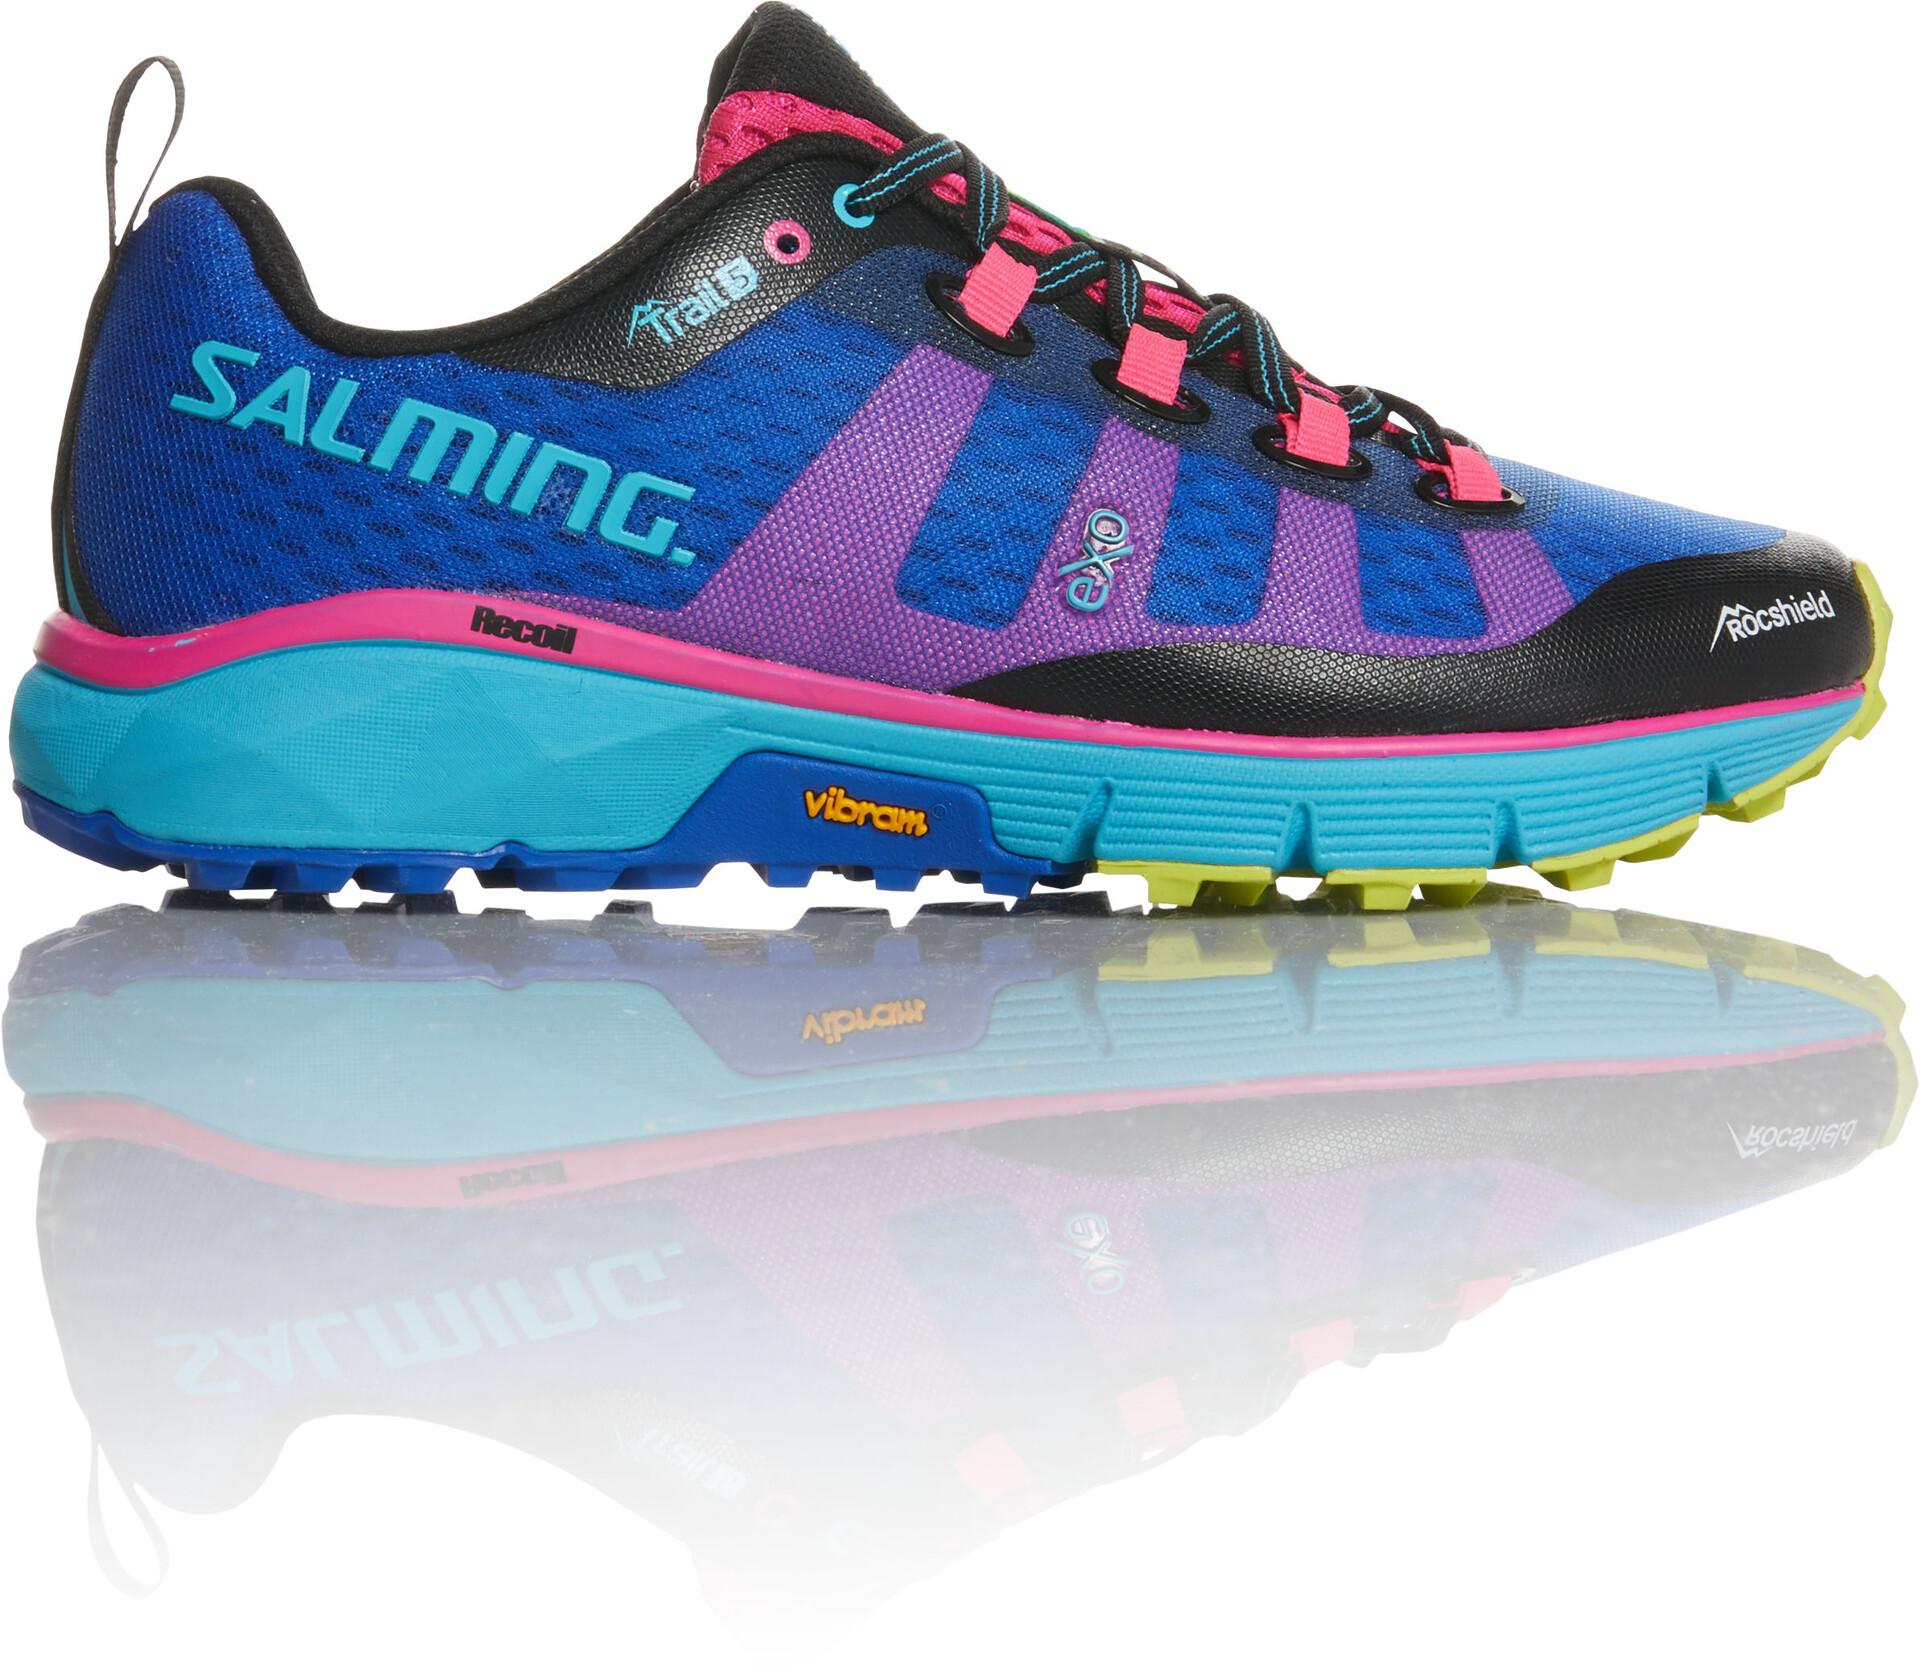 Femme Trail rosebleu running 5 sur CAMPZ Chaussures Salming wIXdq7I